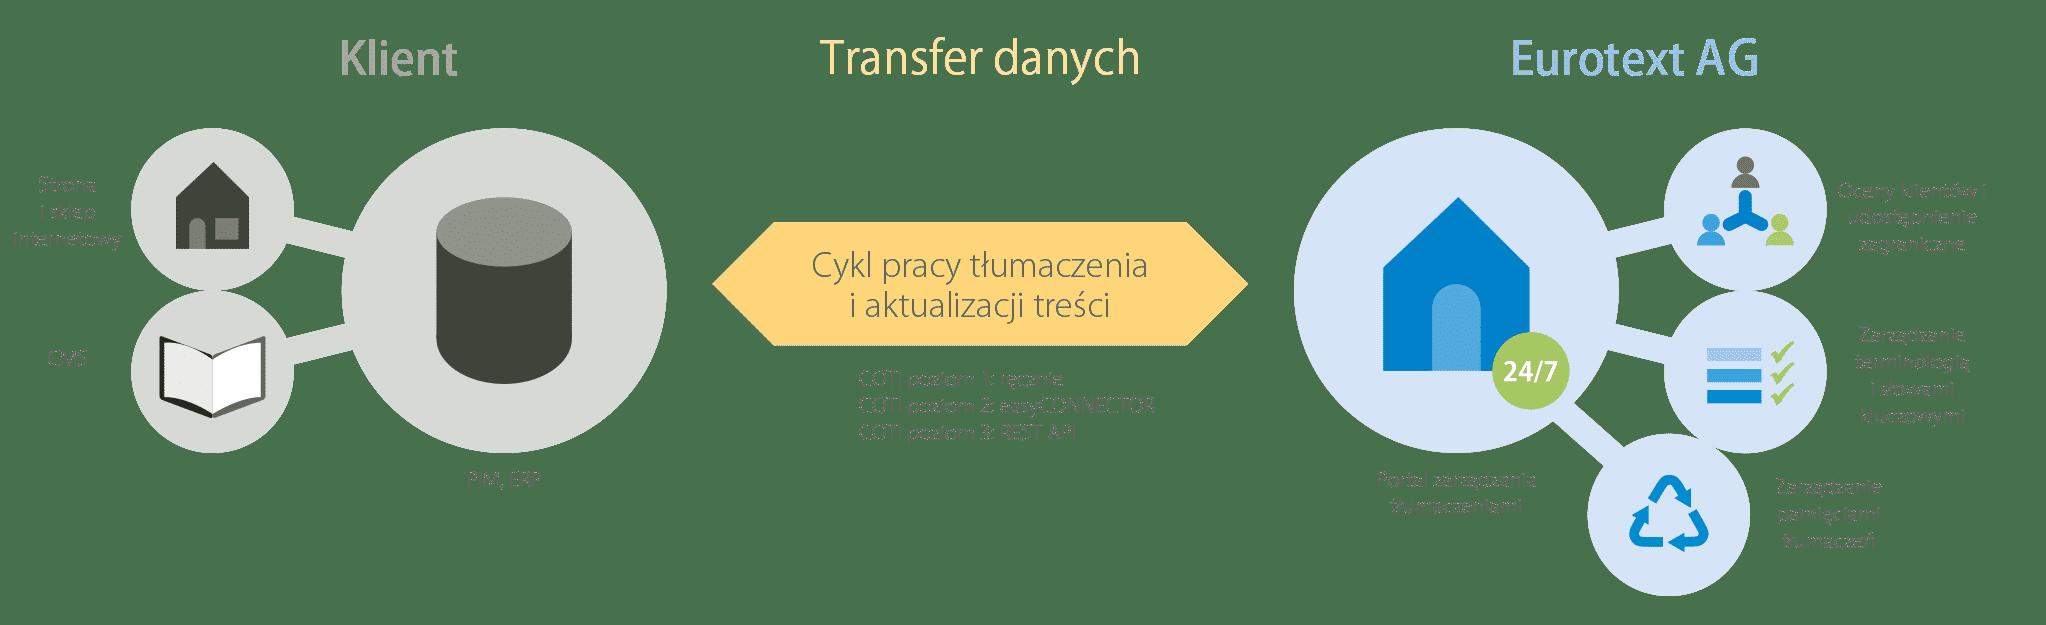 Cykl pracy COTI